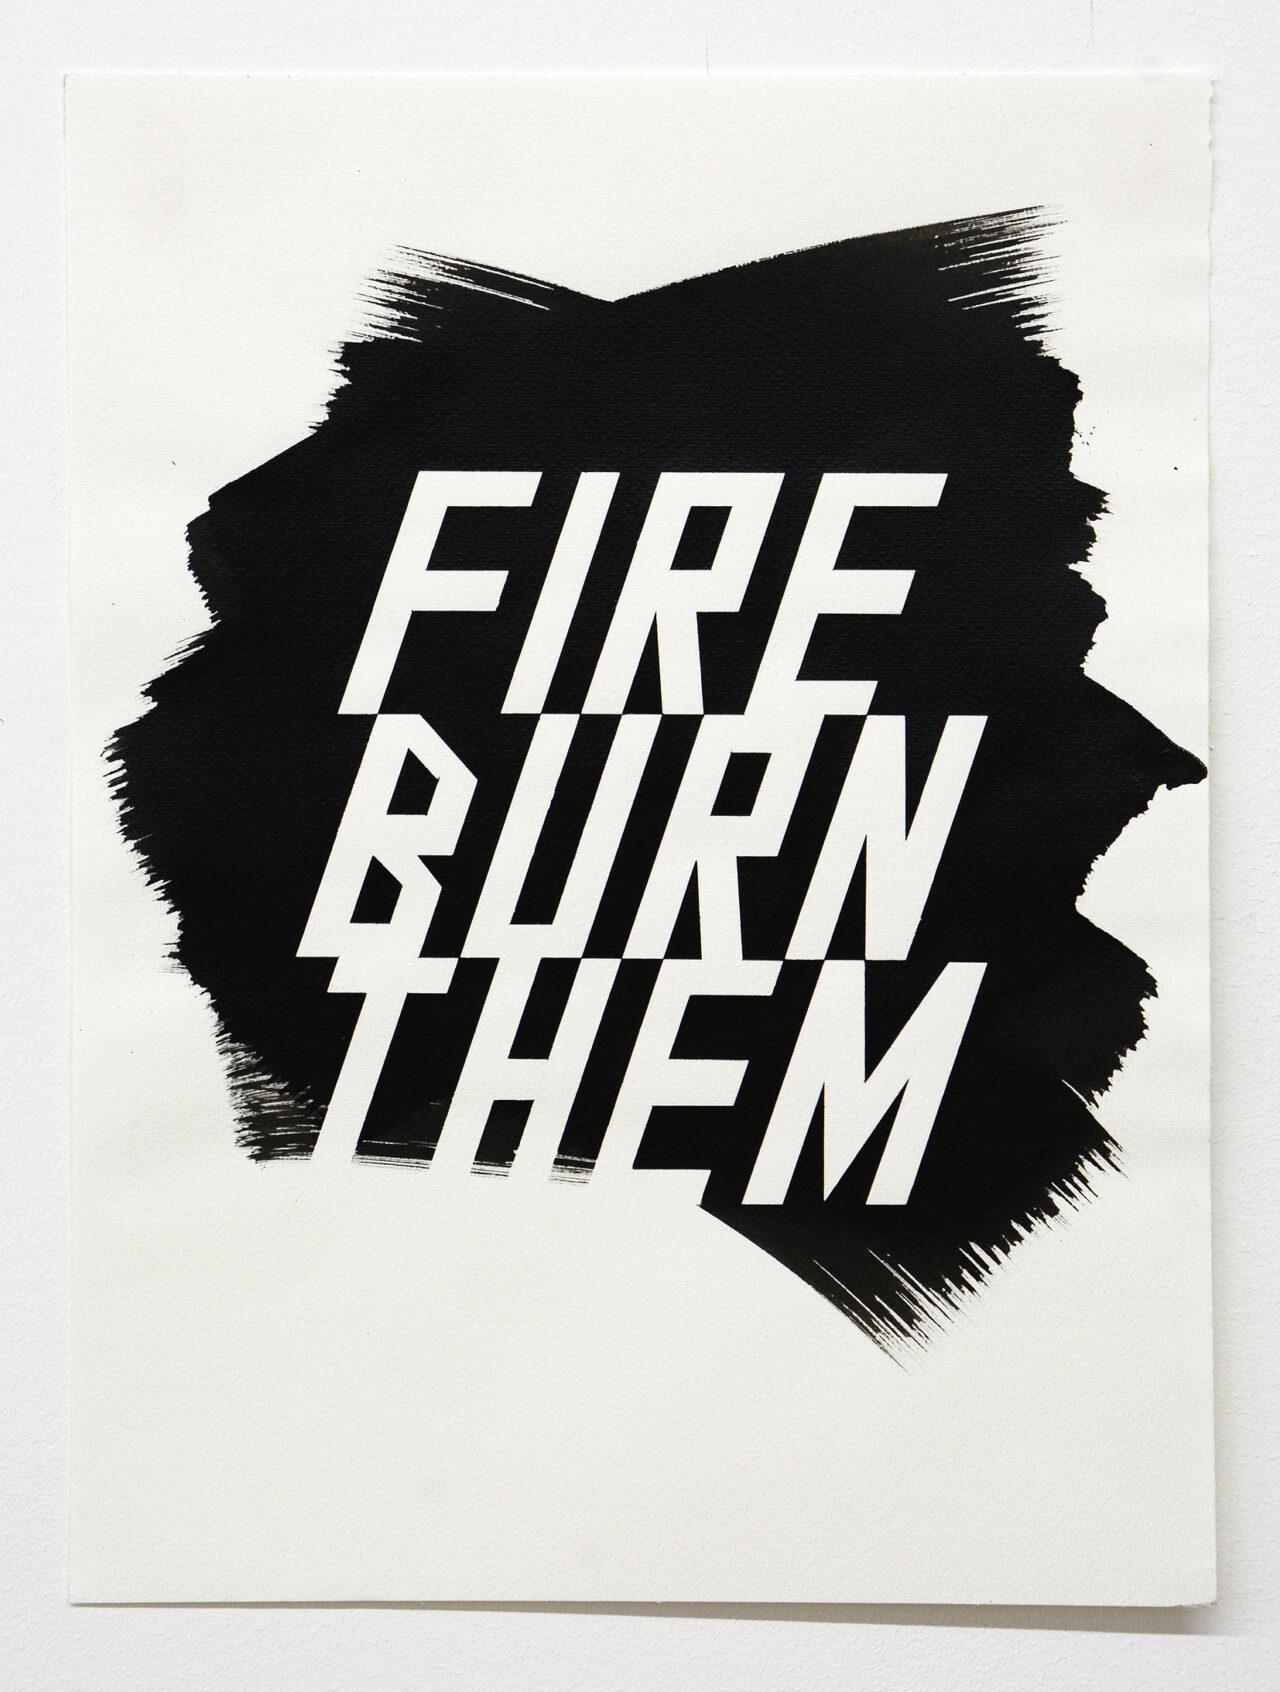 Lars Breuer – Fire Burn Them